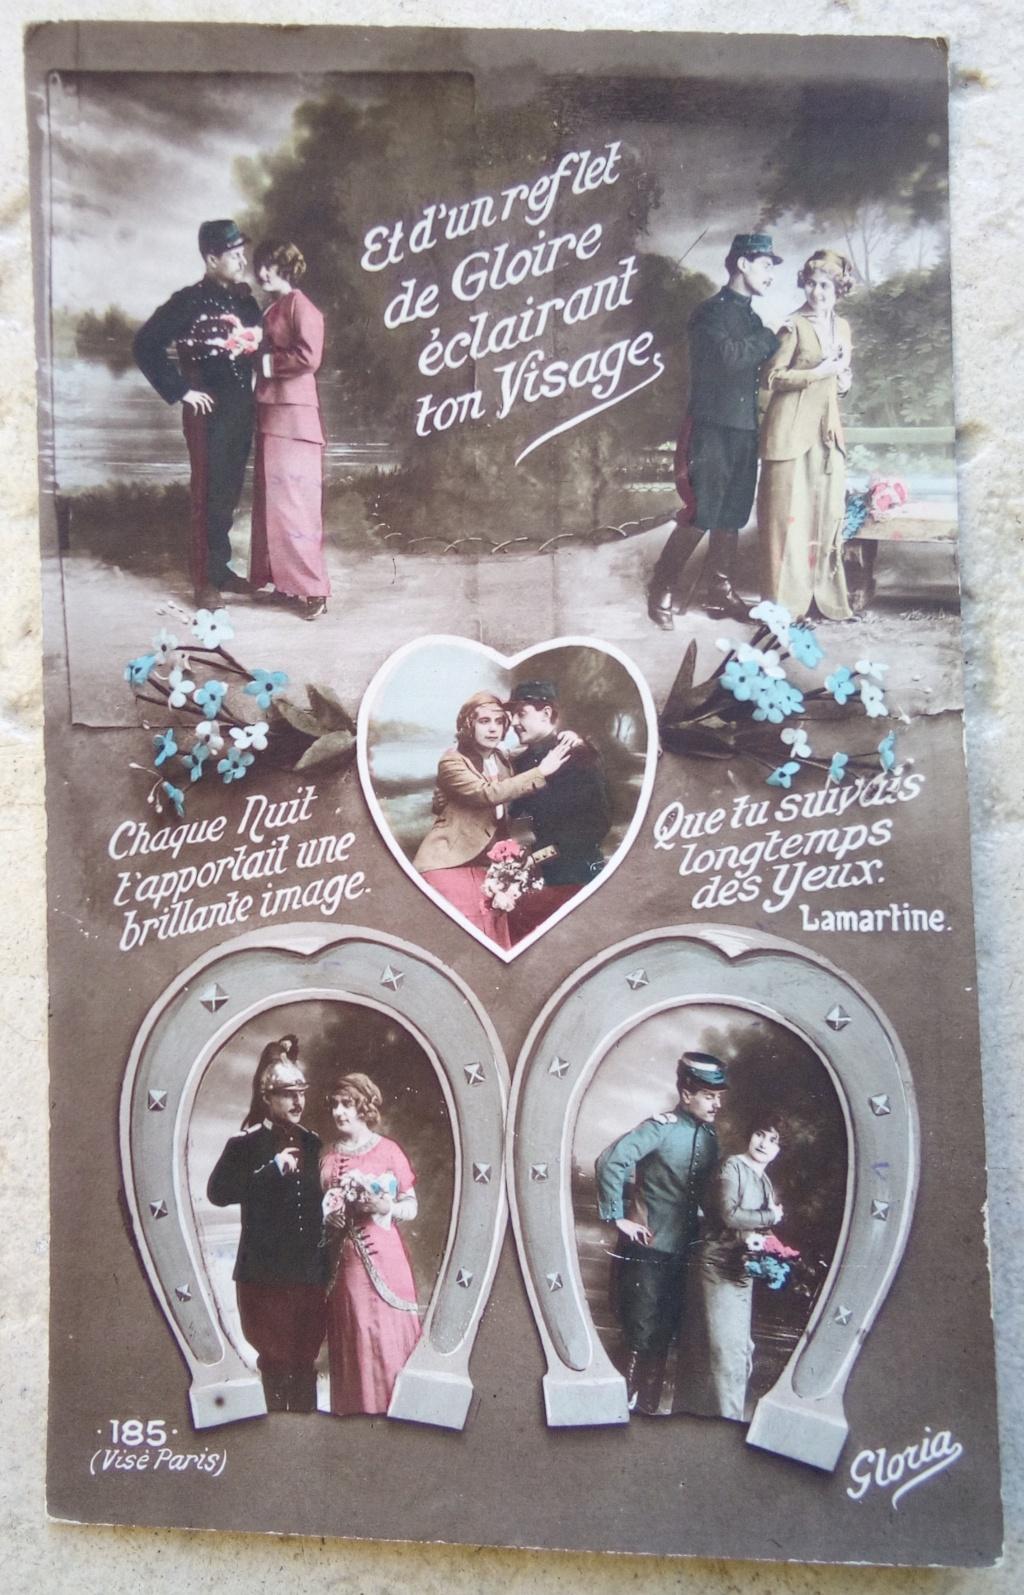 Cartes postales patriotiques françaises de la Grande Guerre - recensement - Page 2 Img_2814